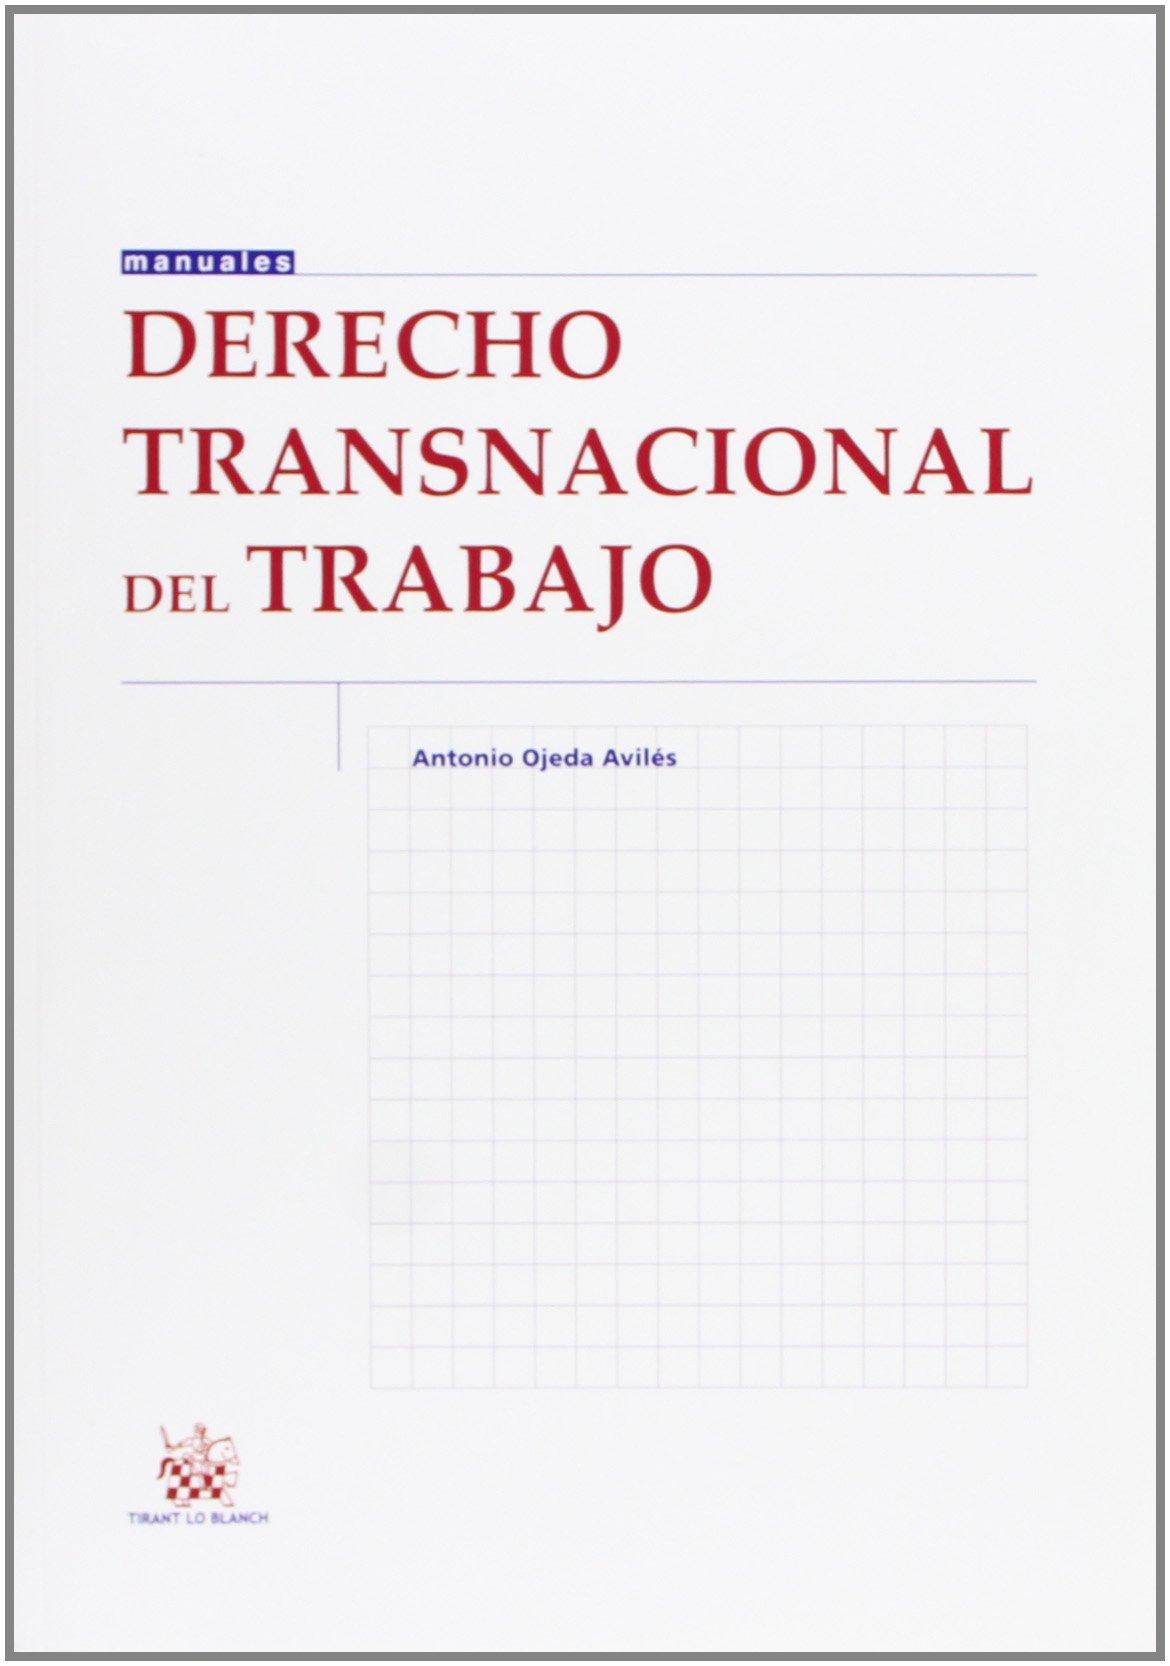 Amazon.com: Derecho transnacional del trabajo (9788490334102 ...